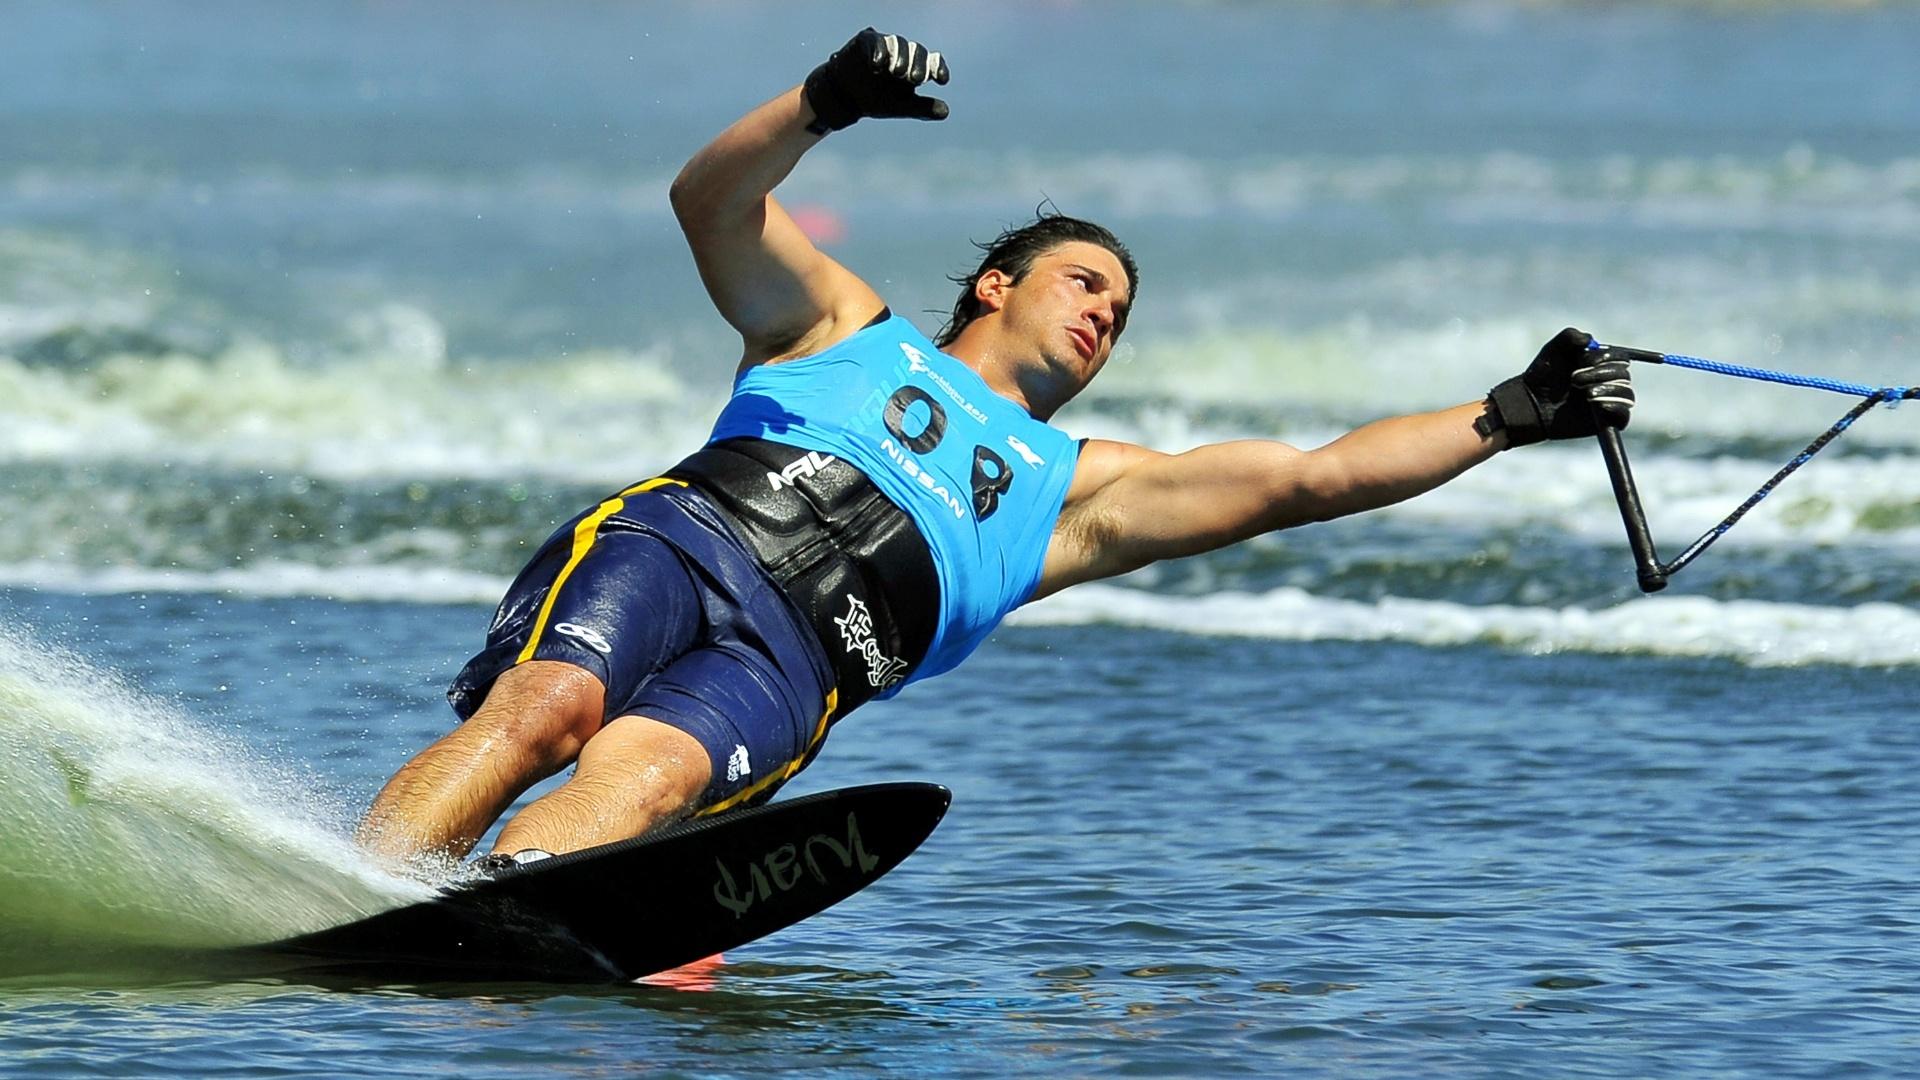 Felipe Neves participou da final do slalom, no esqui aquático, e terminou na 6ª posição (23/10/2011)